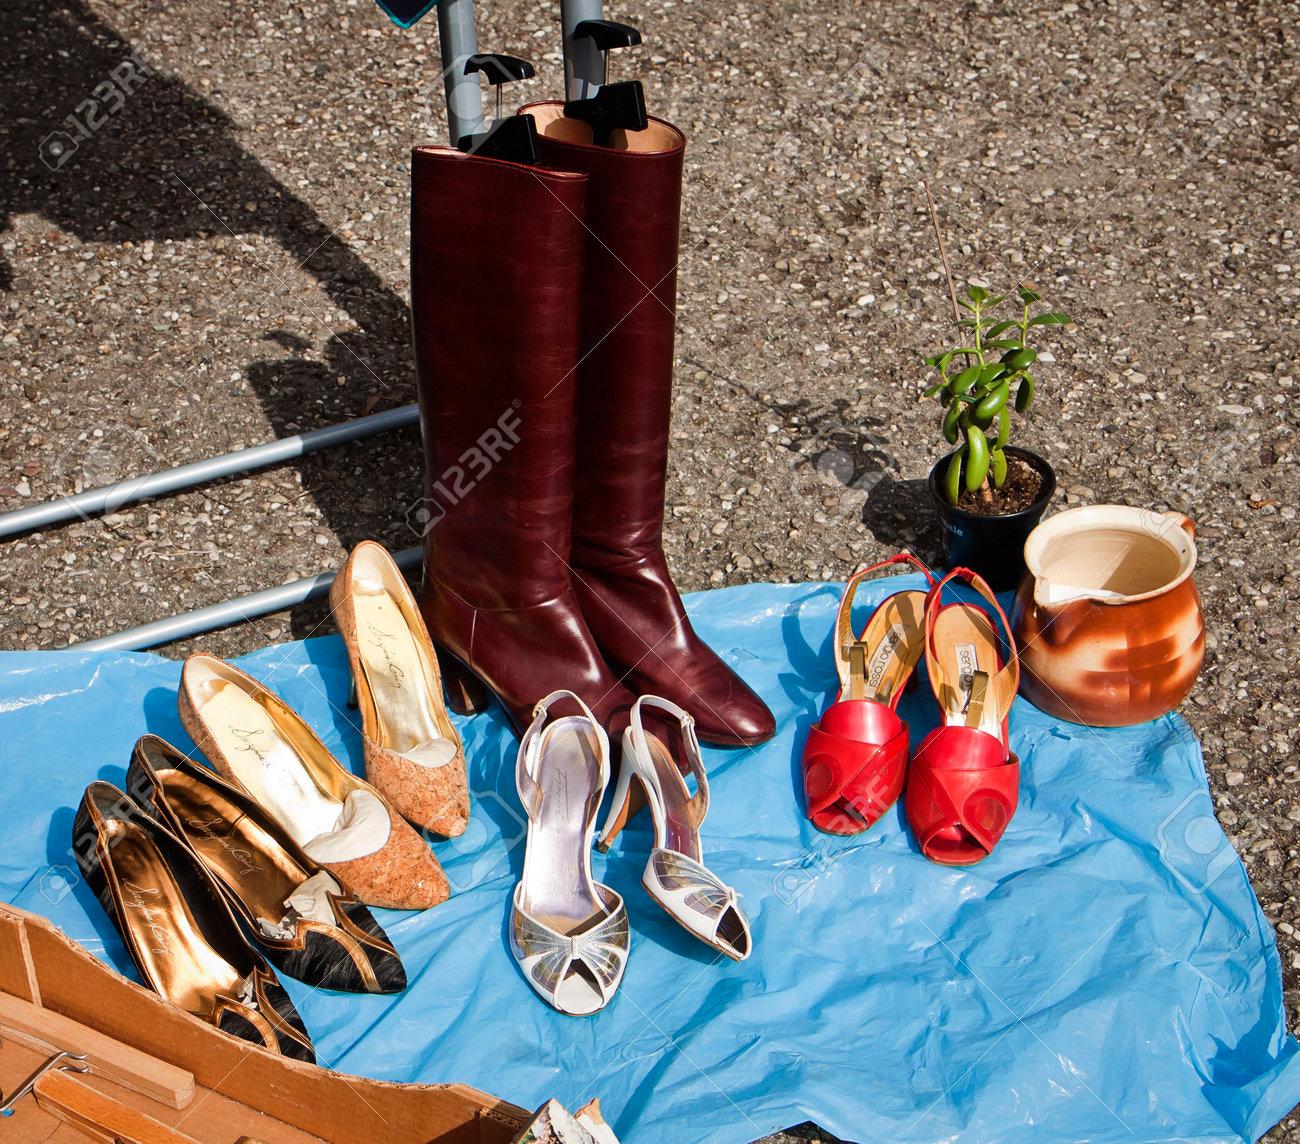 Zapatos Del Aire La Libre Calle Mano Mercado De Segunda Exhibición Pulgas En Botas Al Y RqcASjL435